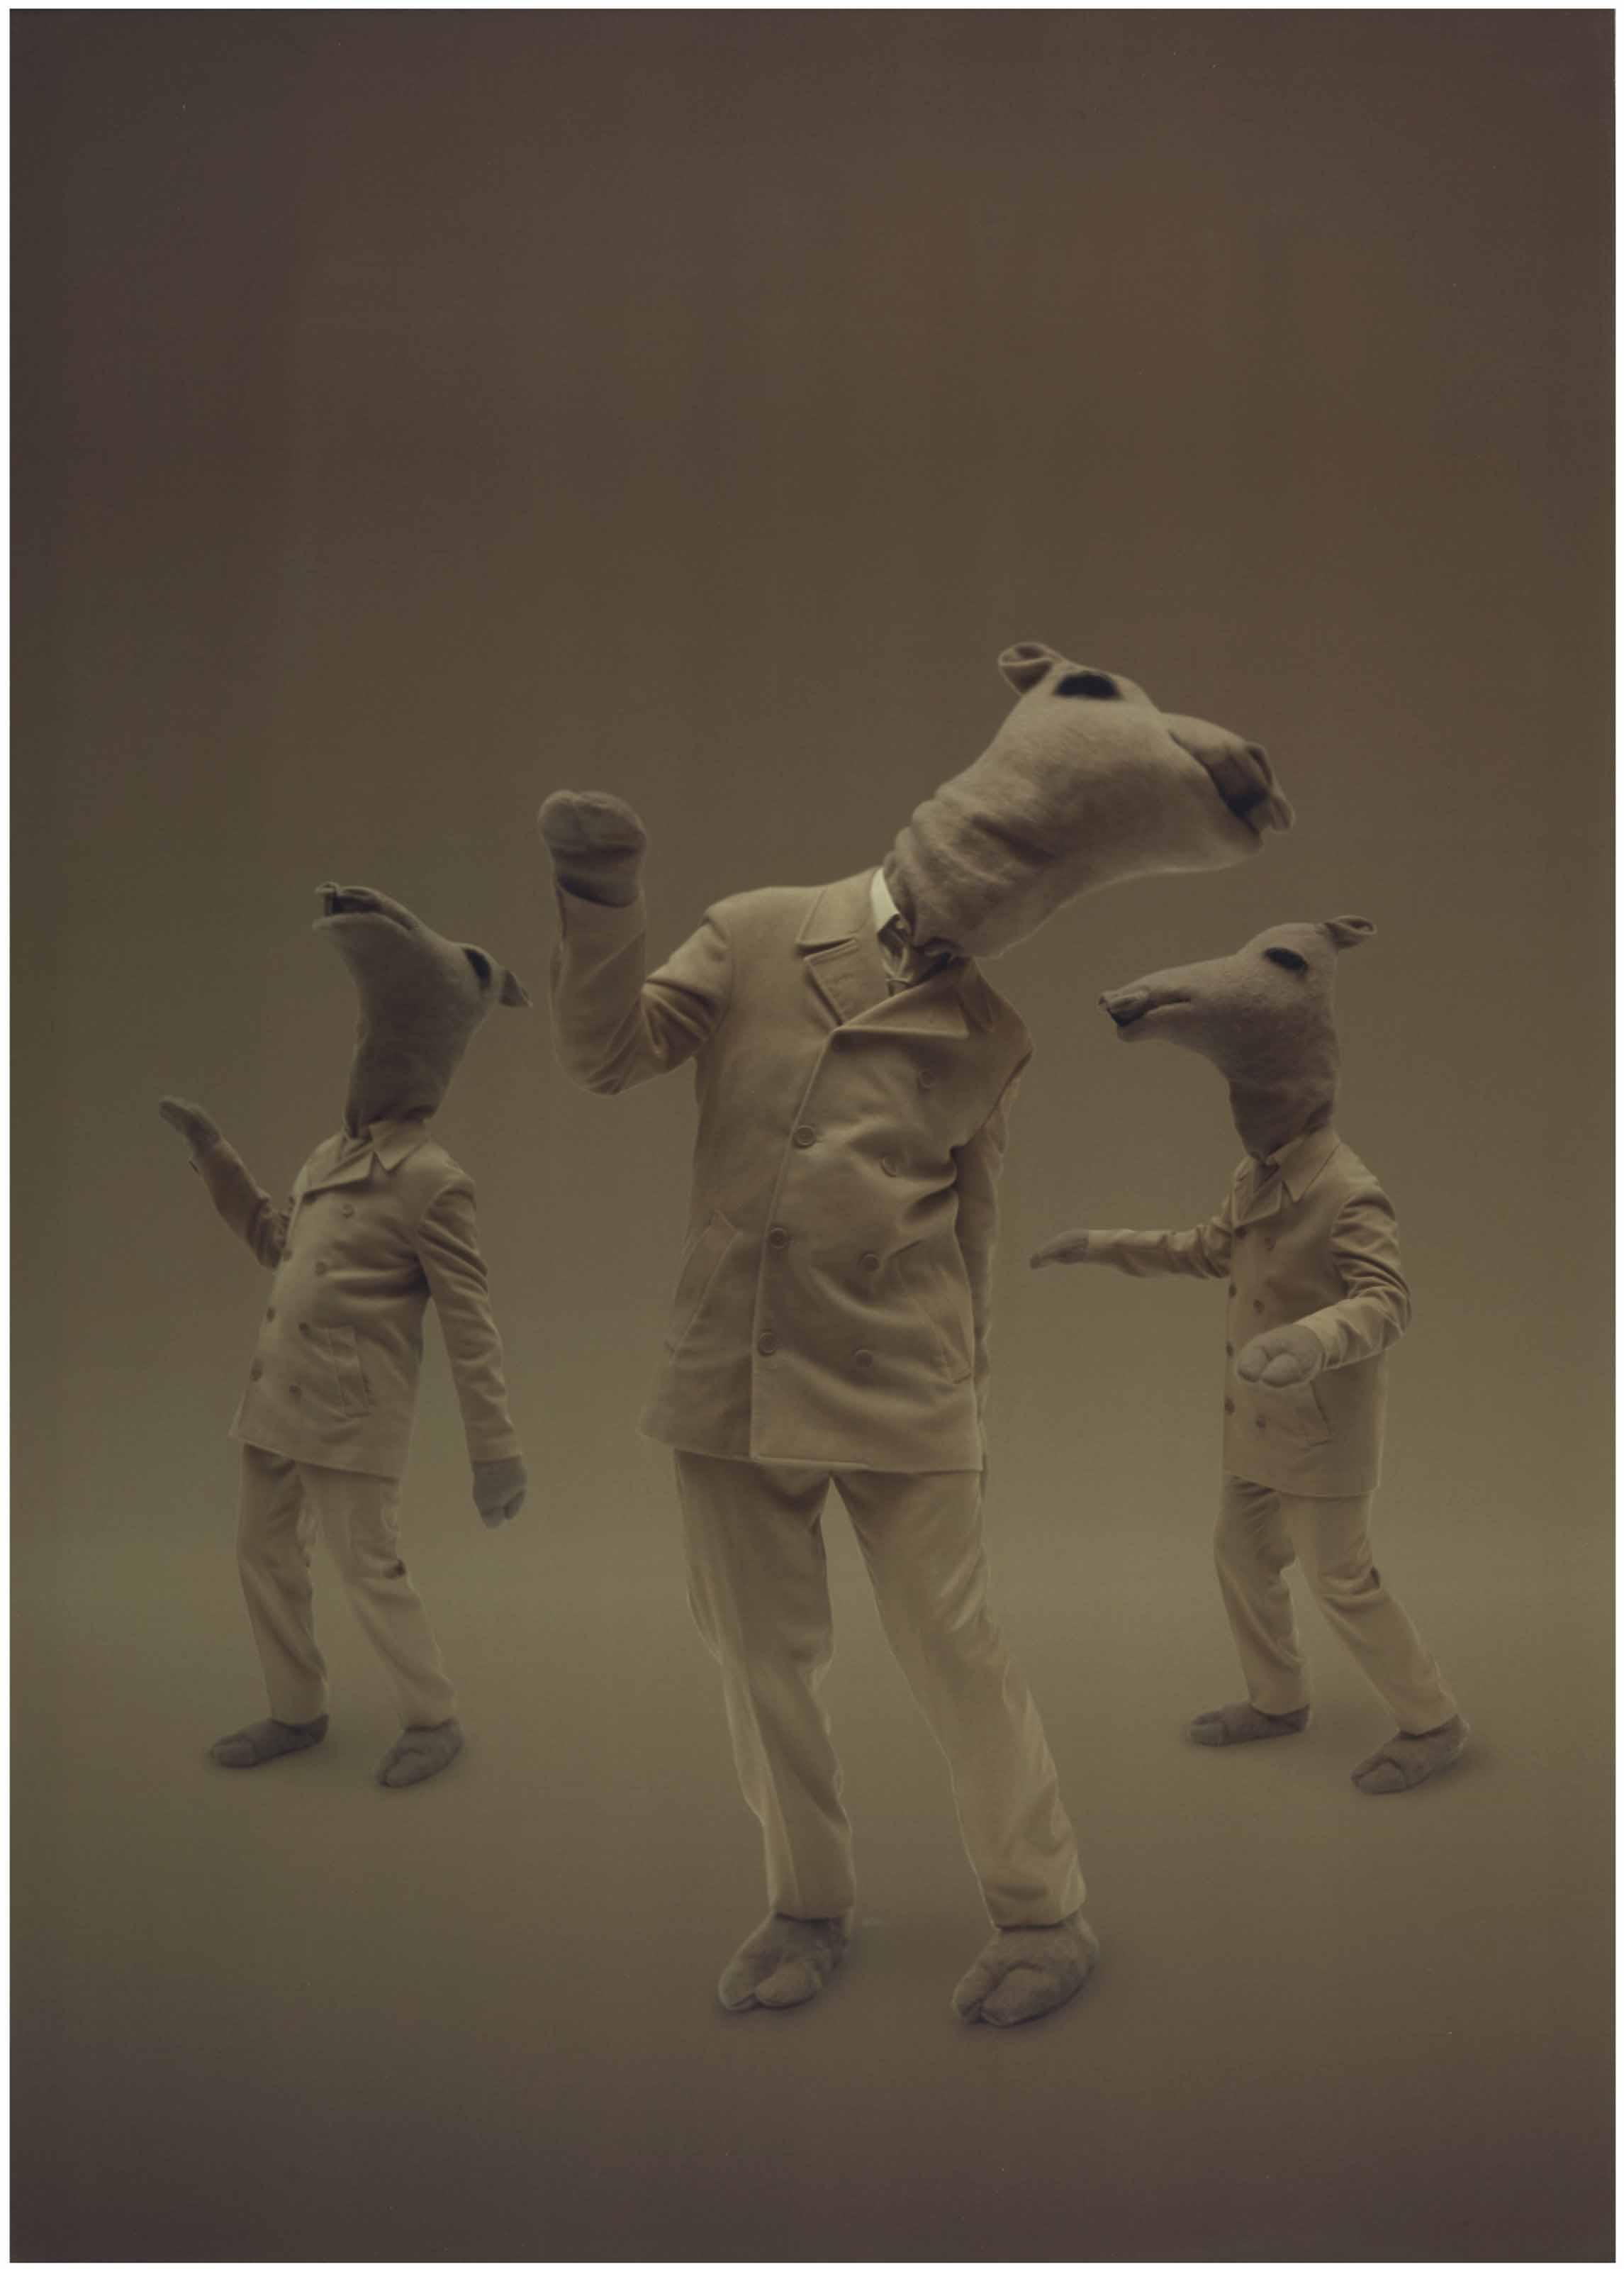 Dance, 1995